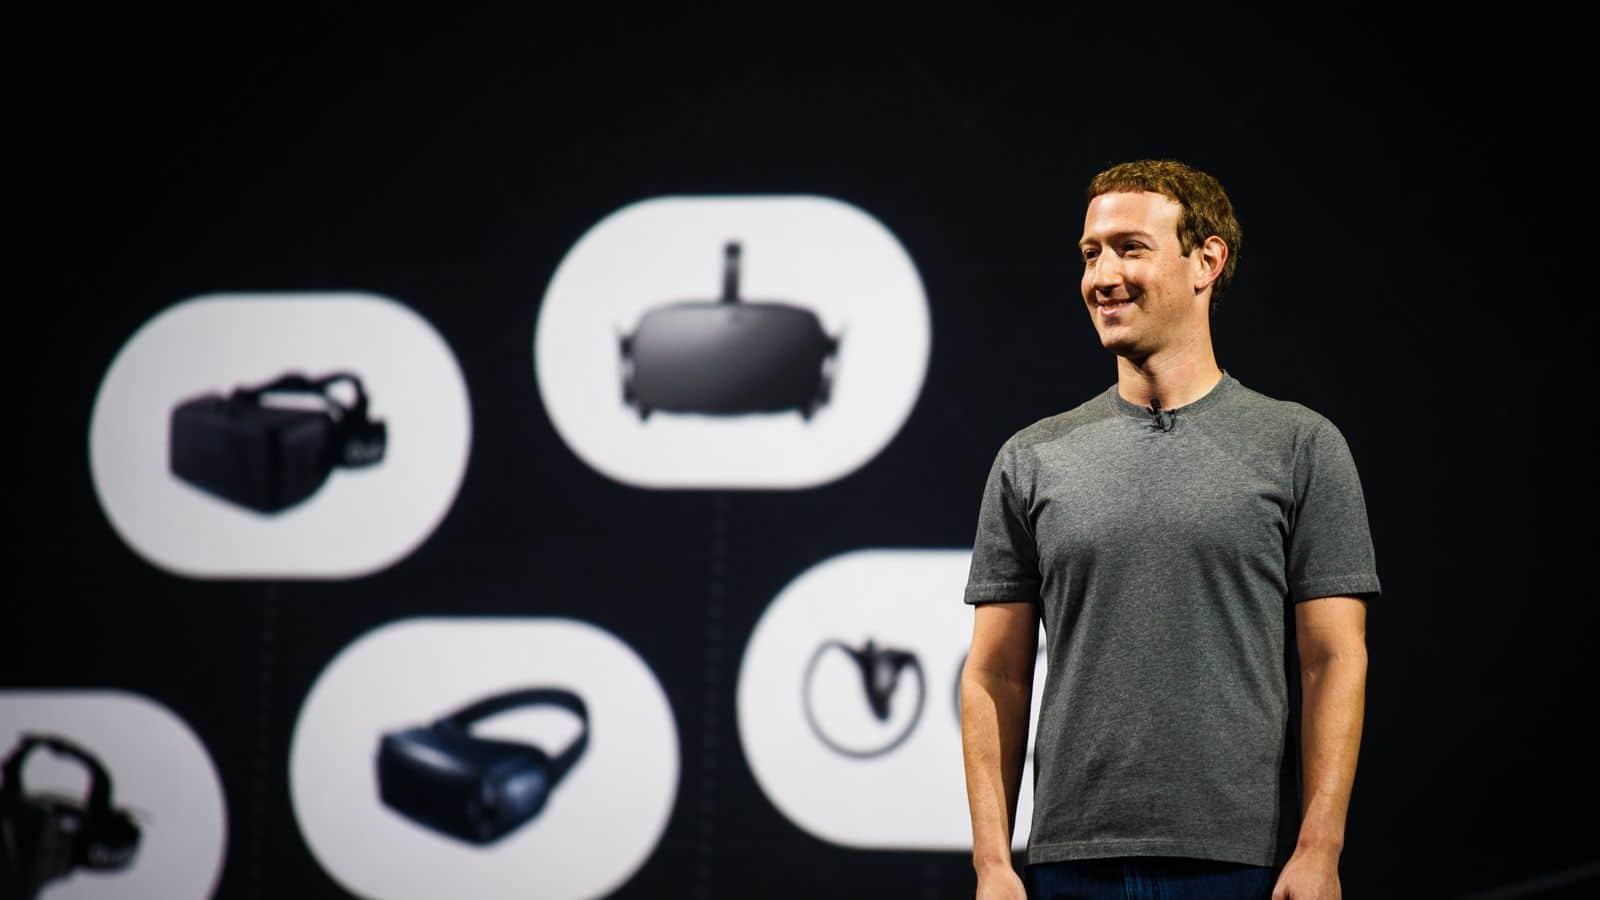 Mark Zuckrburg Oculus